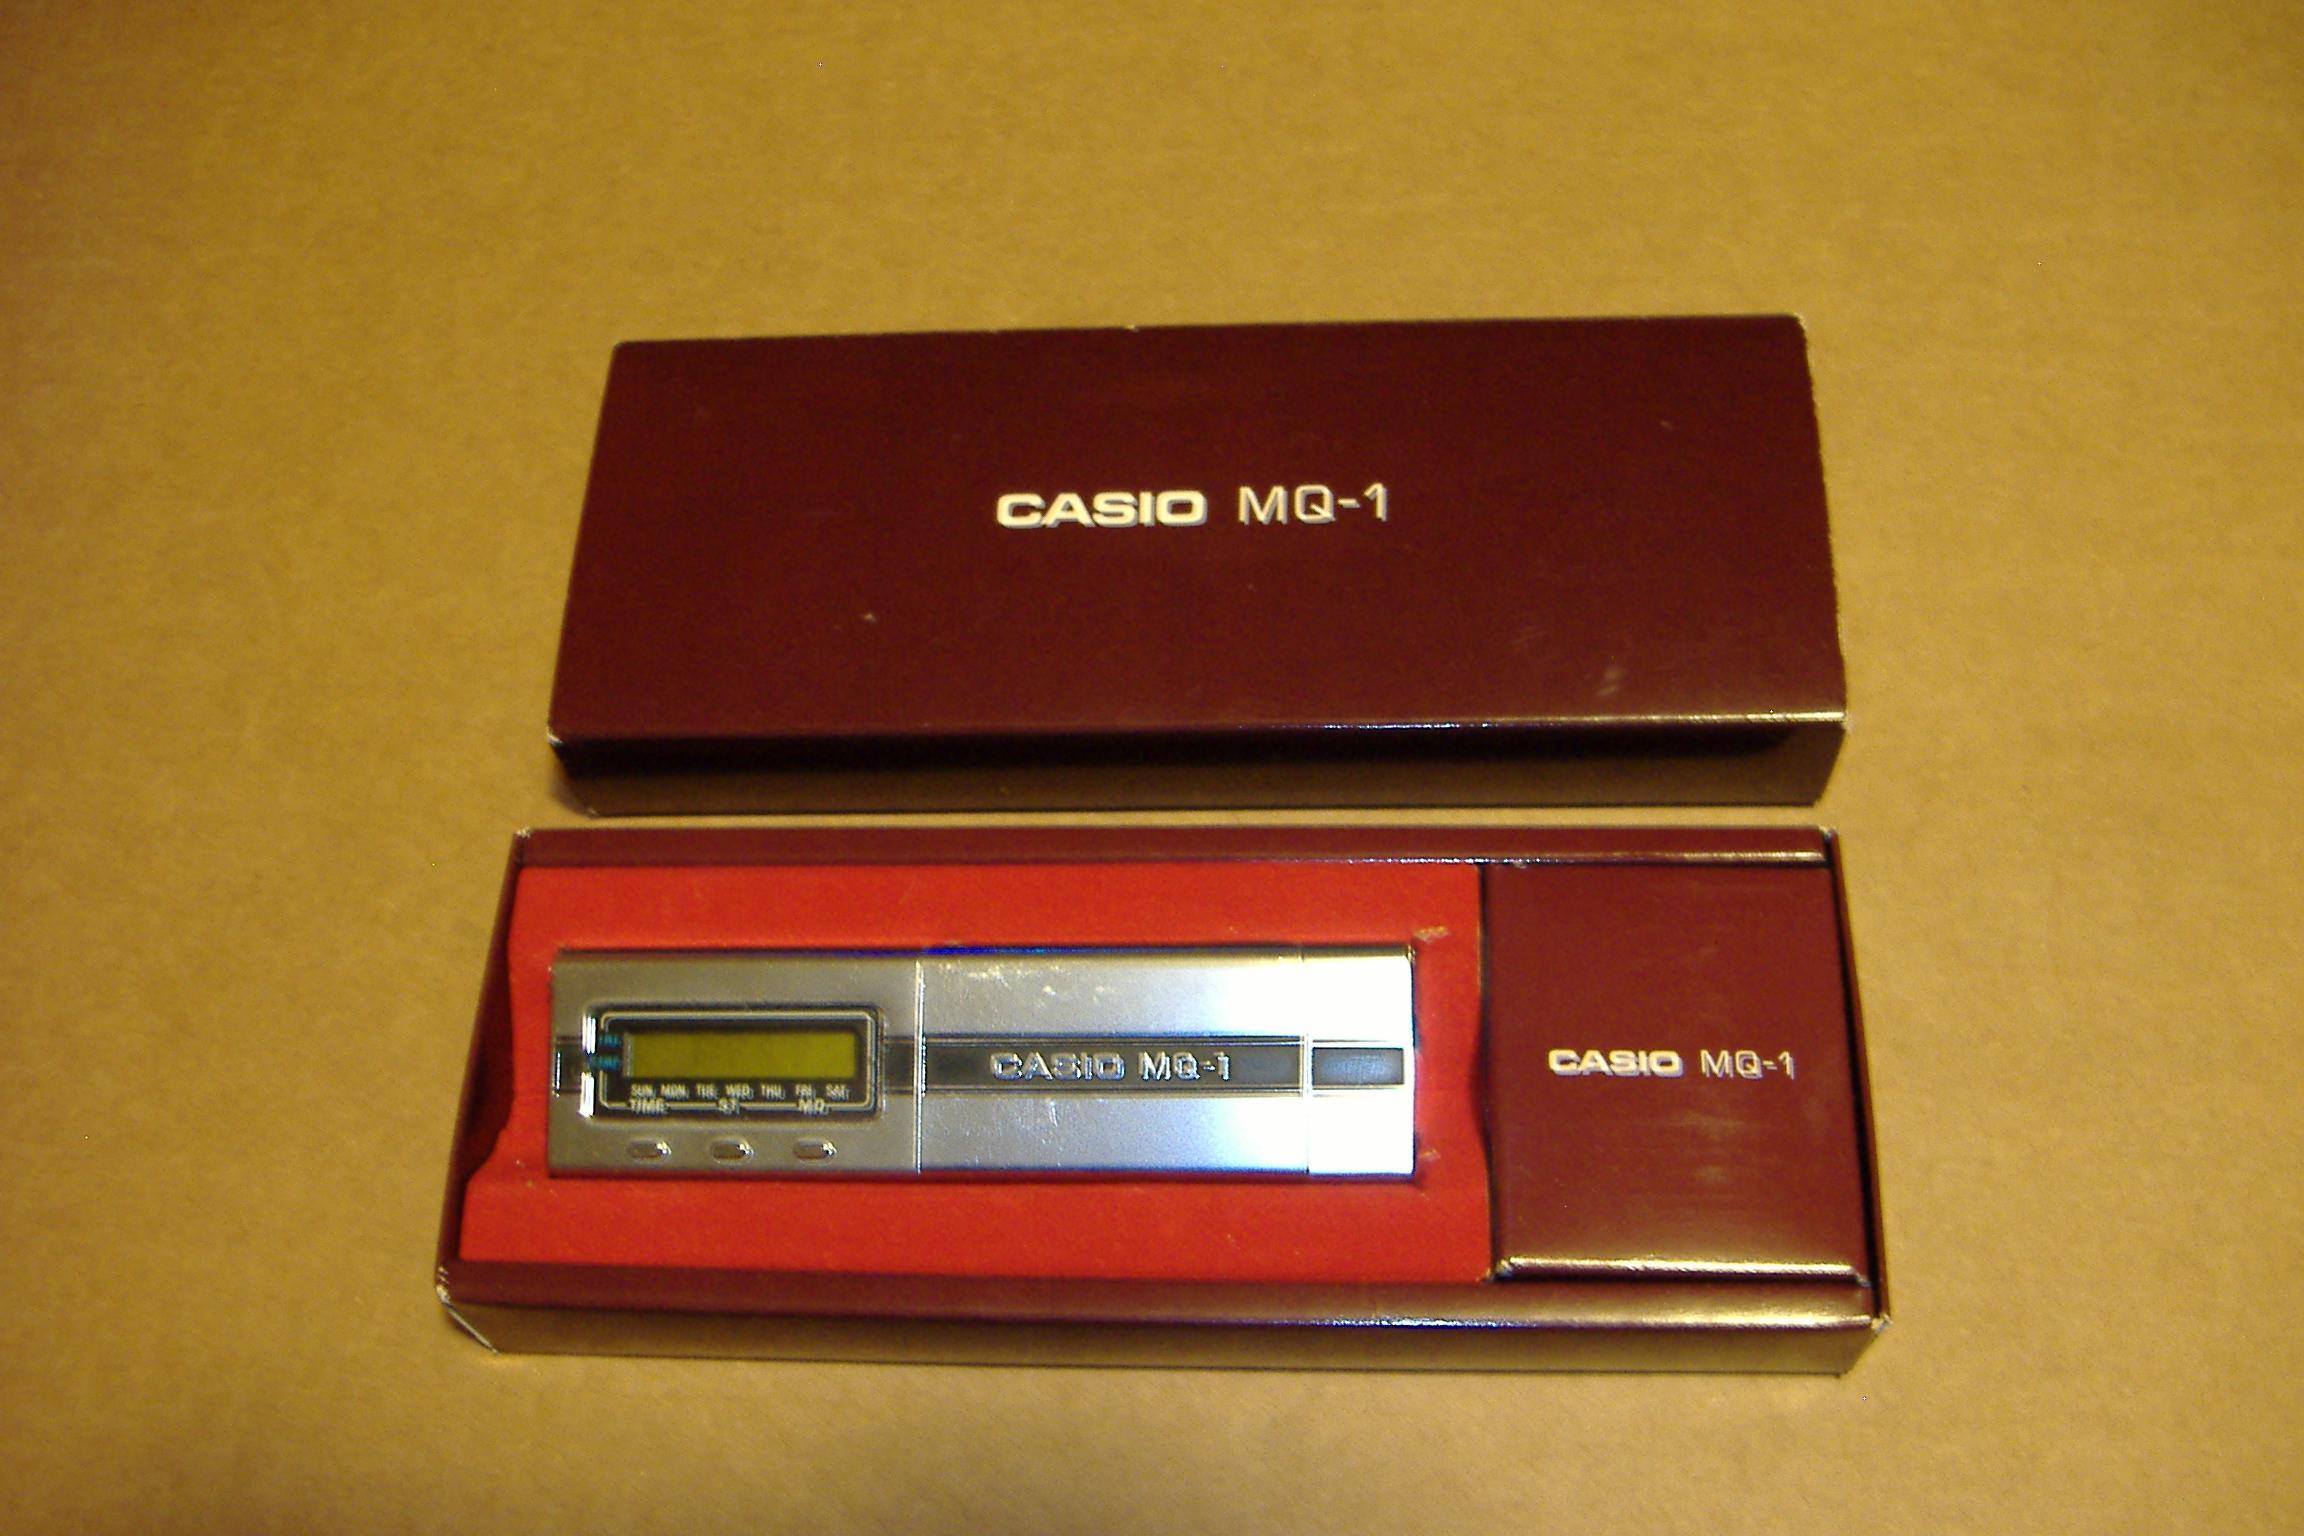 DSCF4675-1.JPG